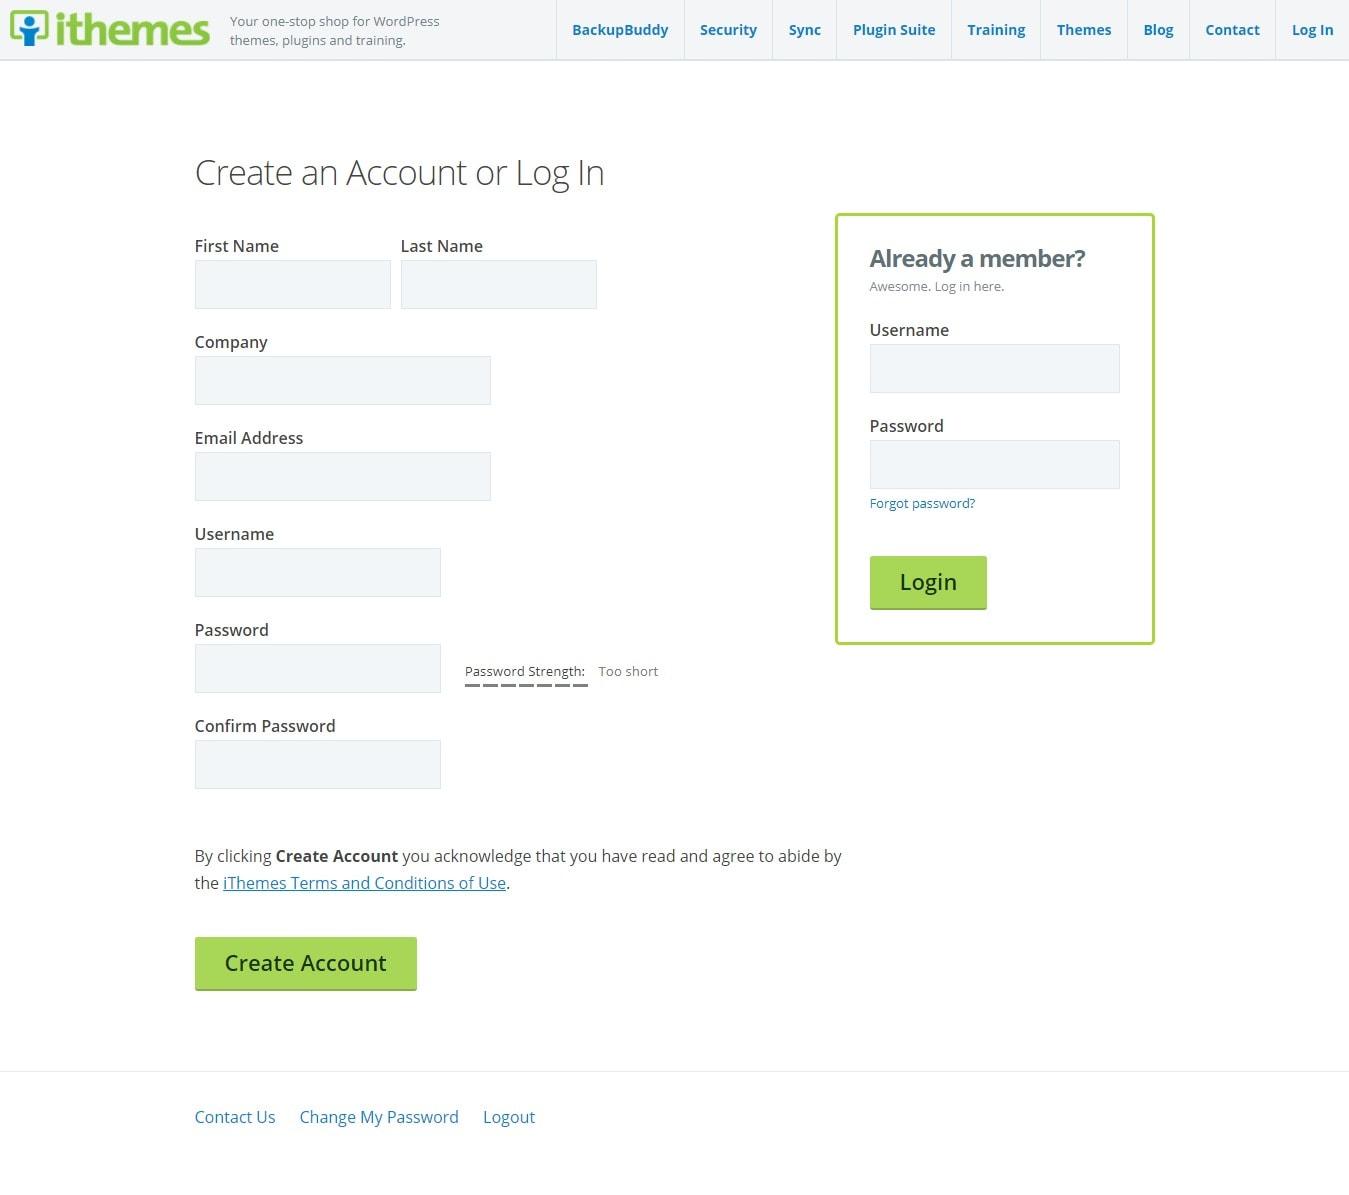 backupbuddy coupon codes ithemes